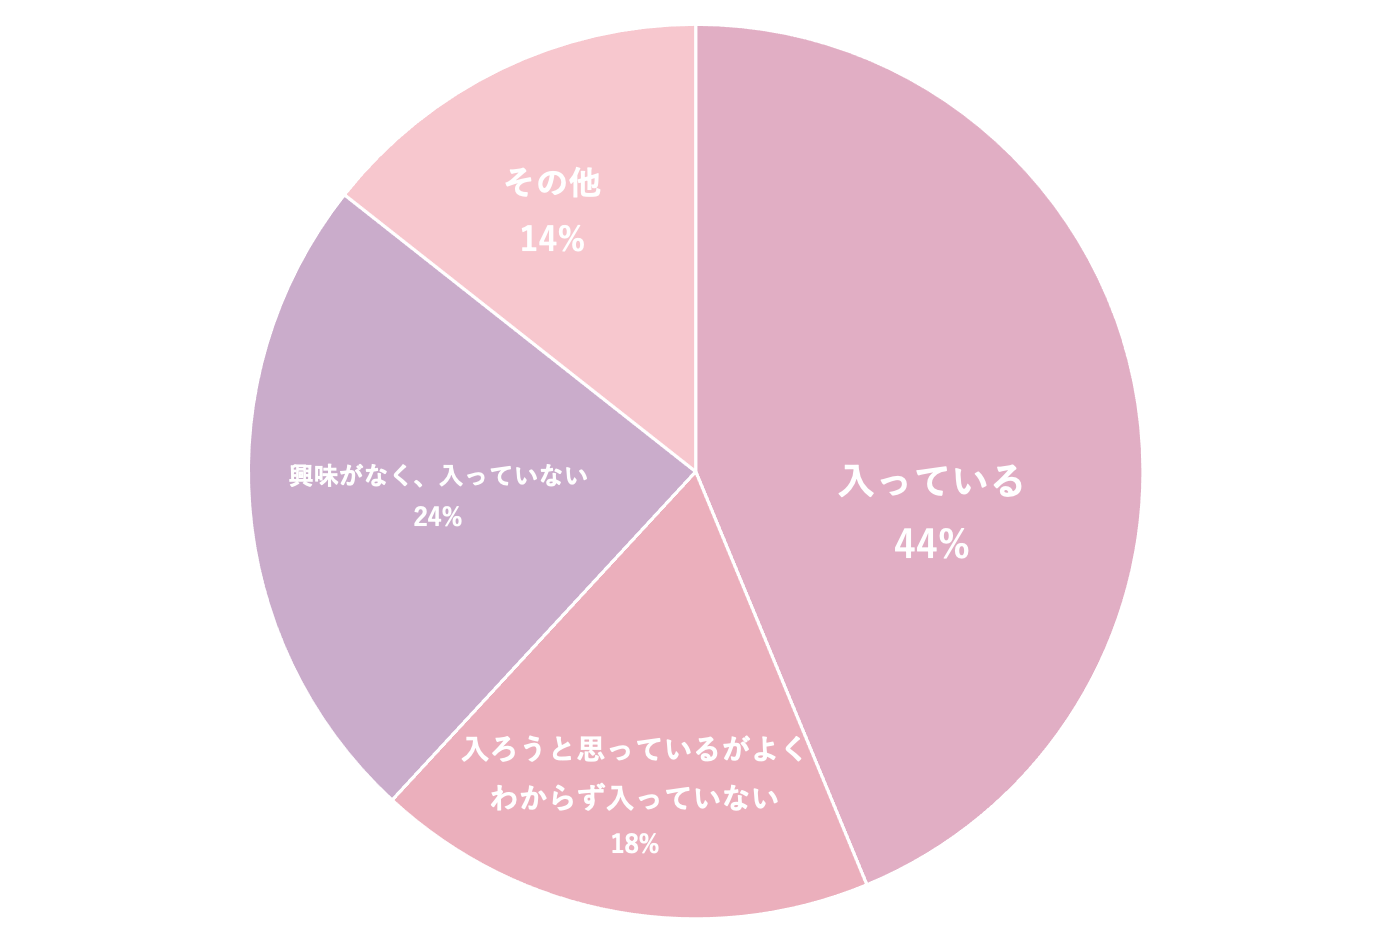 生命保険の円グラフ